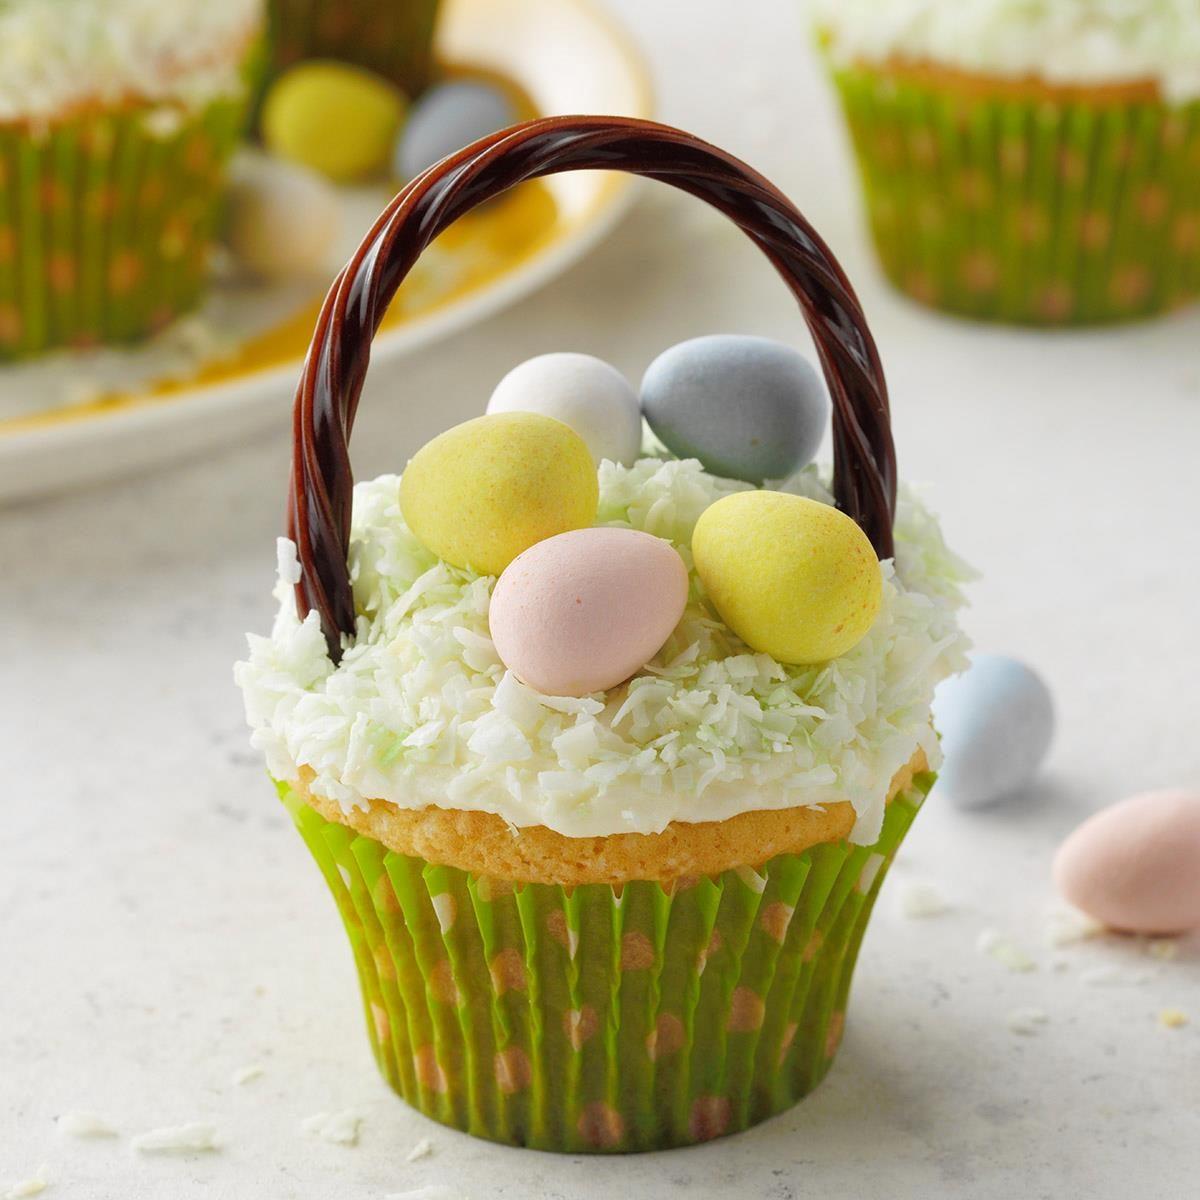 Cupcake Easter Baskets Exps Hca20 20352 E03 13 4b 1